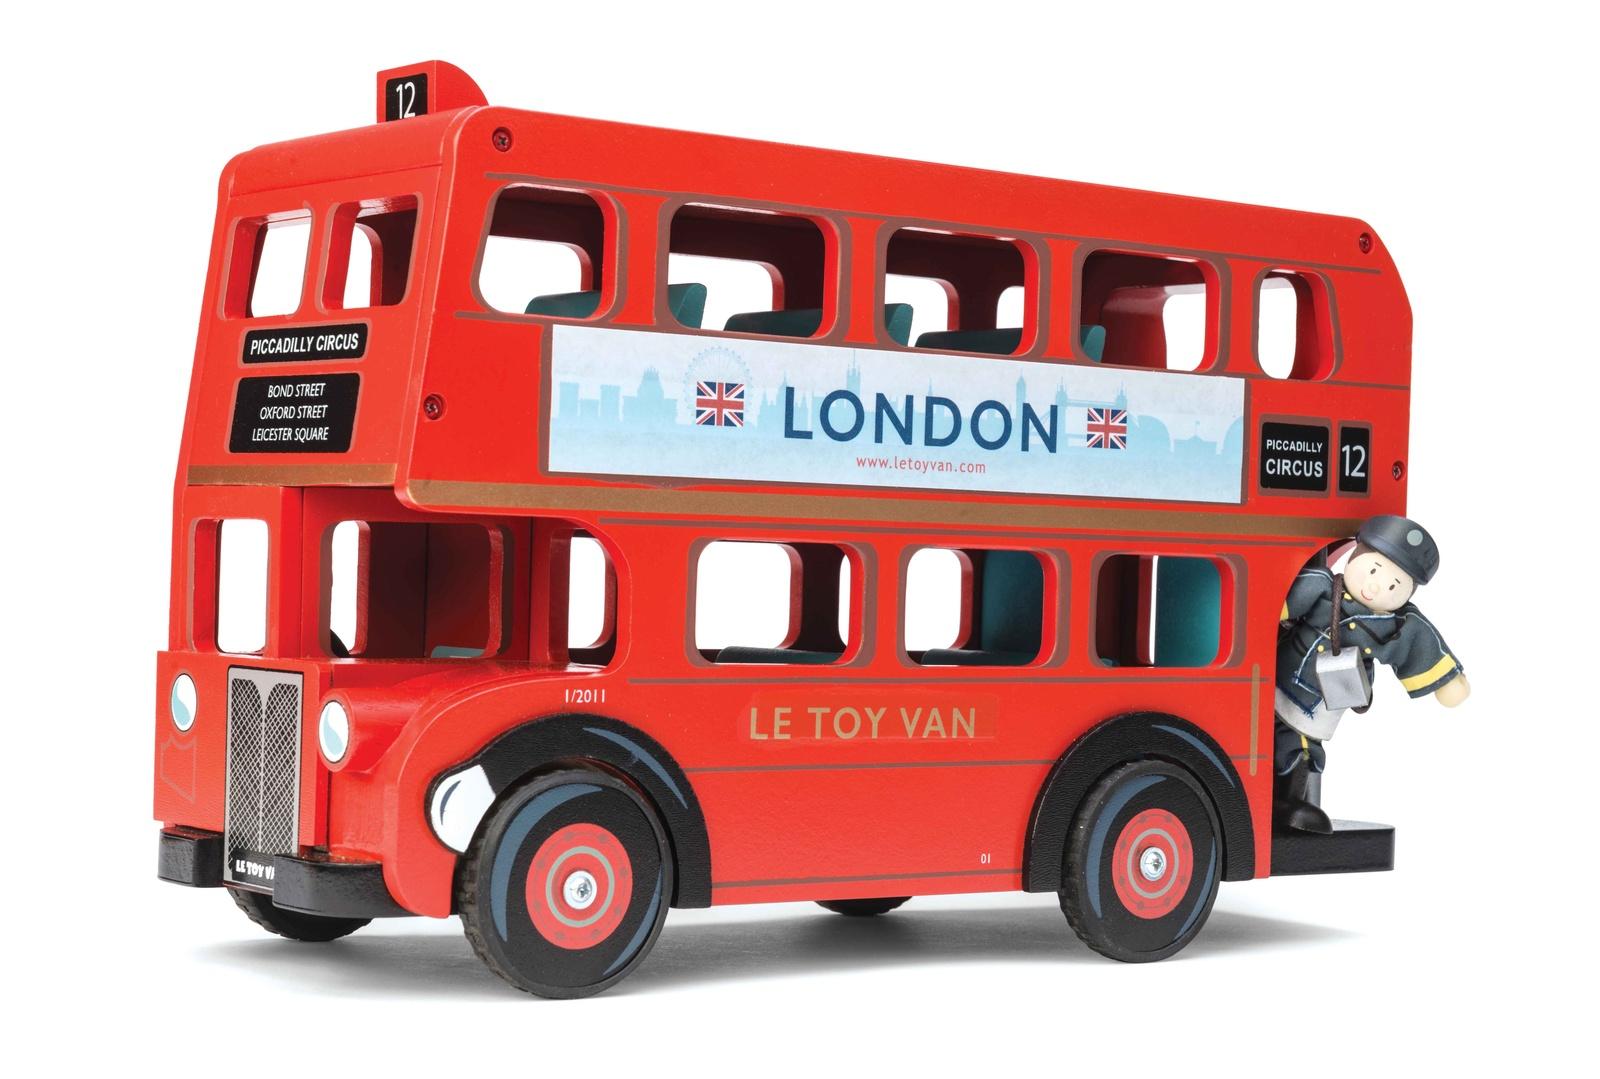 """Сюжетно-ролевые игрушки Le Toy Van Лондонский автобус, с водителем красныйTV469Огромный и необыкновенно красивый двухэтажный Лондонский автобус станет прекрасным подарок для мальчика.Автобус сделан как настоящая копия - ярко красный цвет, номер маршрута, надписи на автобусе и реклама. Съемная крыша автобуса открывает доступ в пространство второго этажа.В набор включена фигурка водителя, также автобус может вместить до 11 подобных фигурок (кукол).Игрушечный автобус упакован в специальную подарочную коробку с открытым """"окном"""" и яркими иллюстрациями.Игрушка награждена специальной премией на выставке детских игрушек.Игровая машинка """"Лондонский автобус с водителем""""ярко красный цвет;съемная крыша автобуса;открытый доступ на второй этаж;в набор входит фигурка водителя;в автобус можно вместить до 11 пассажиров;красочная упаковка."""